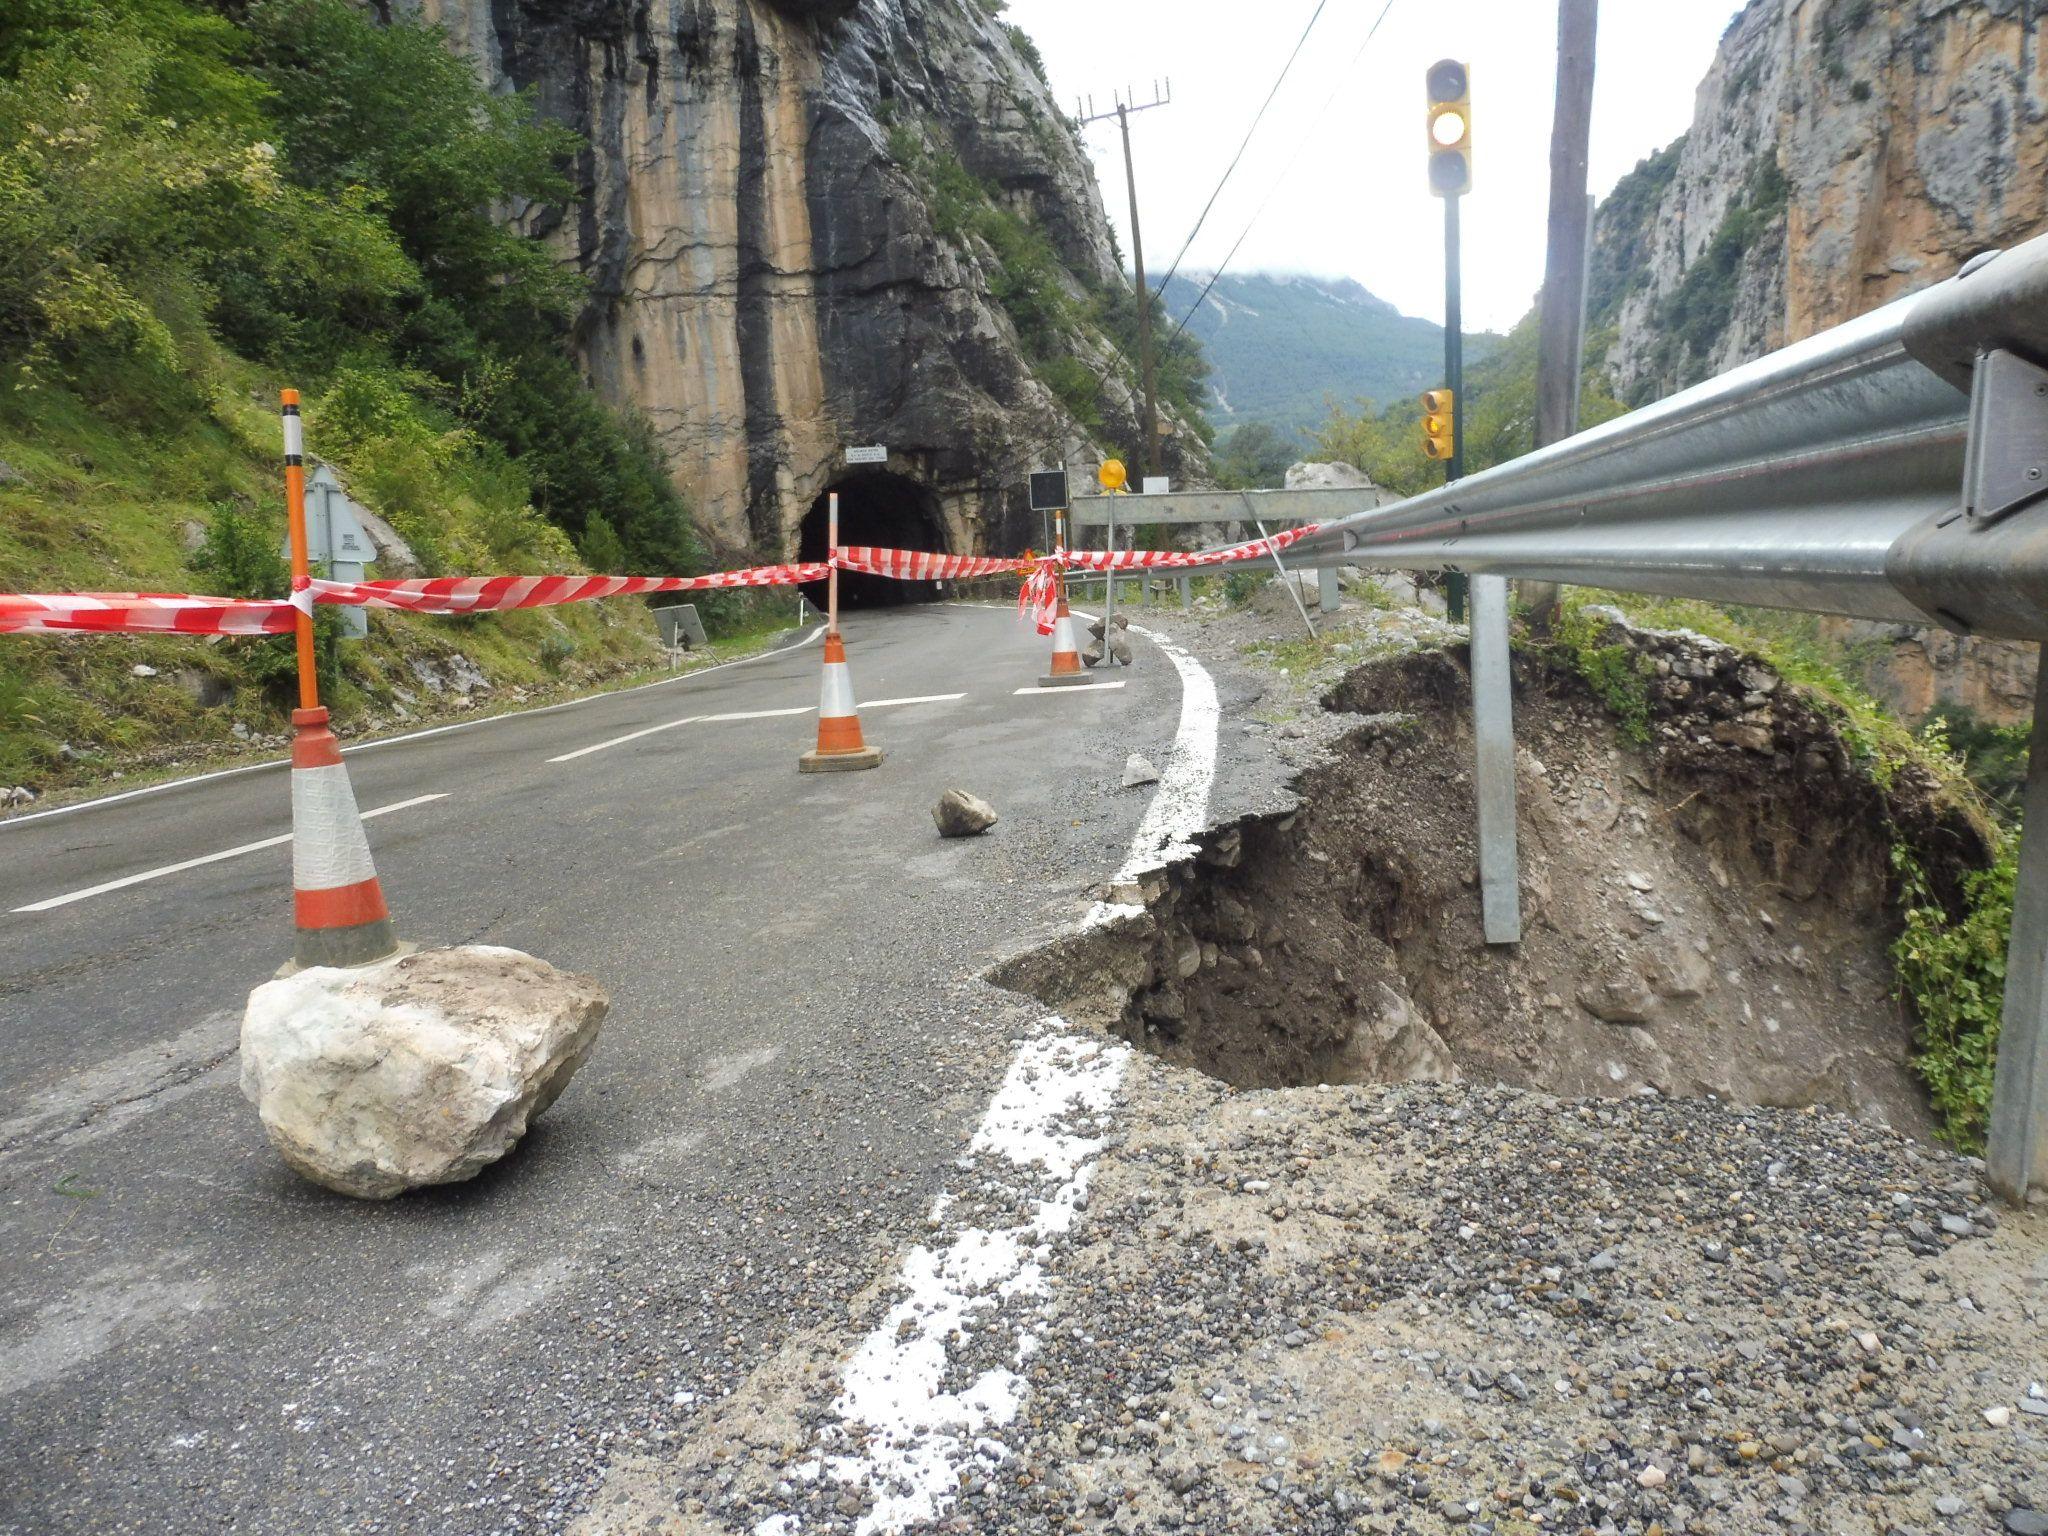 Imagen realizada el pasado 15 de octubre. Foto: SobrarbeDigital